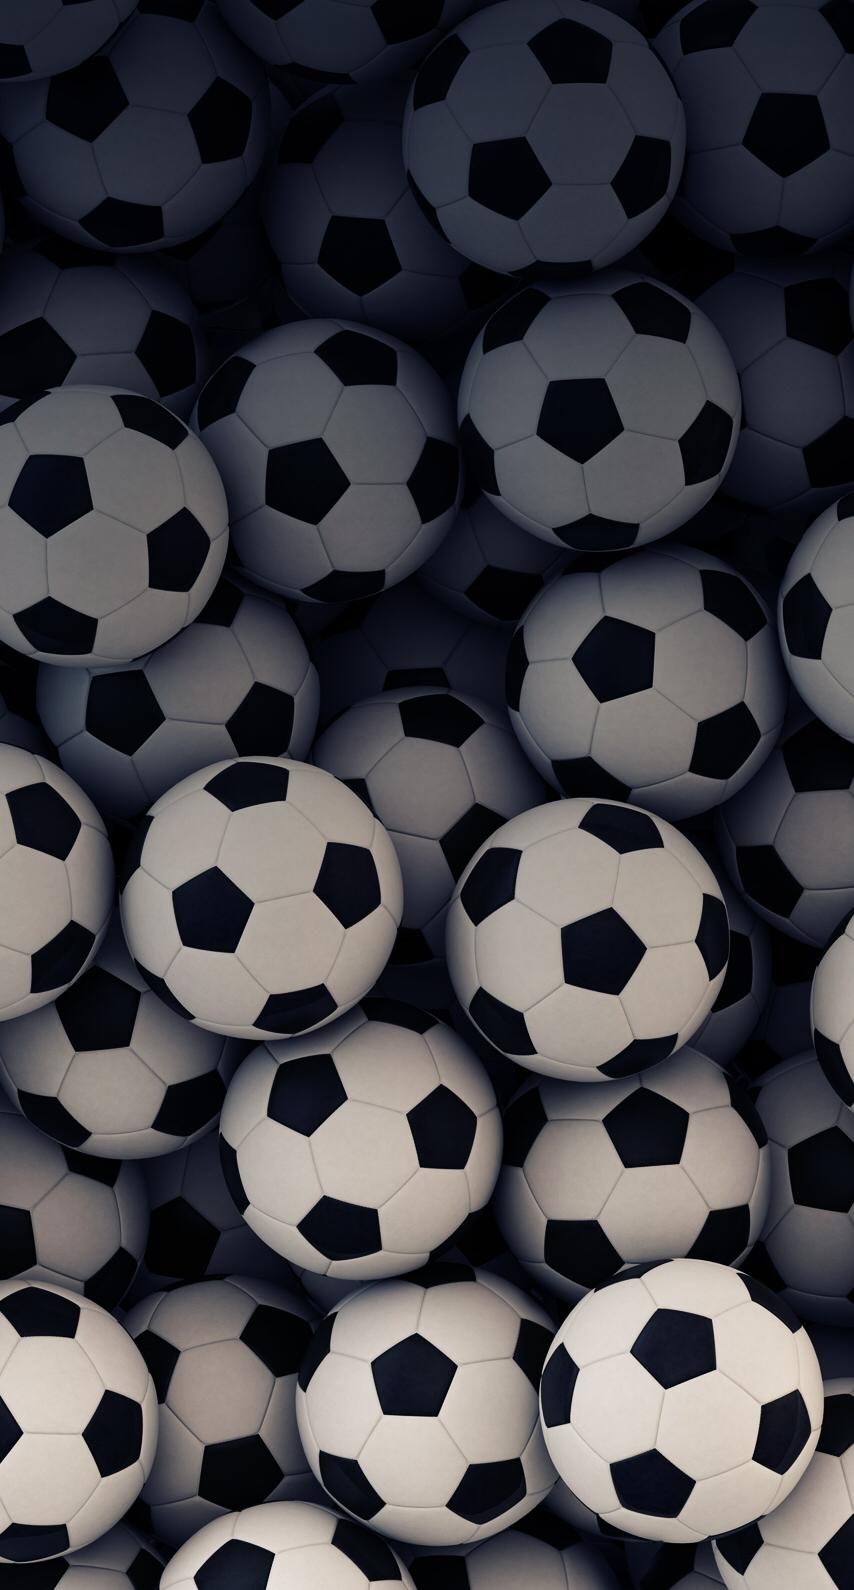 Pin di zearo gamer su Fútbol nel 2019 | Sfondi per iphone